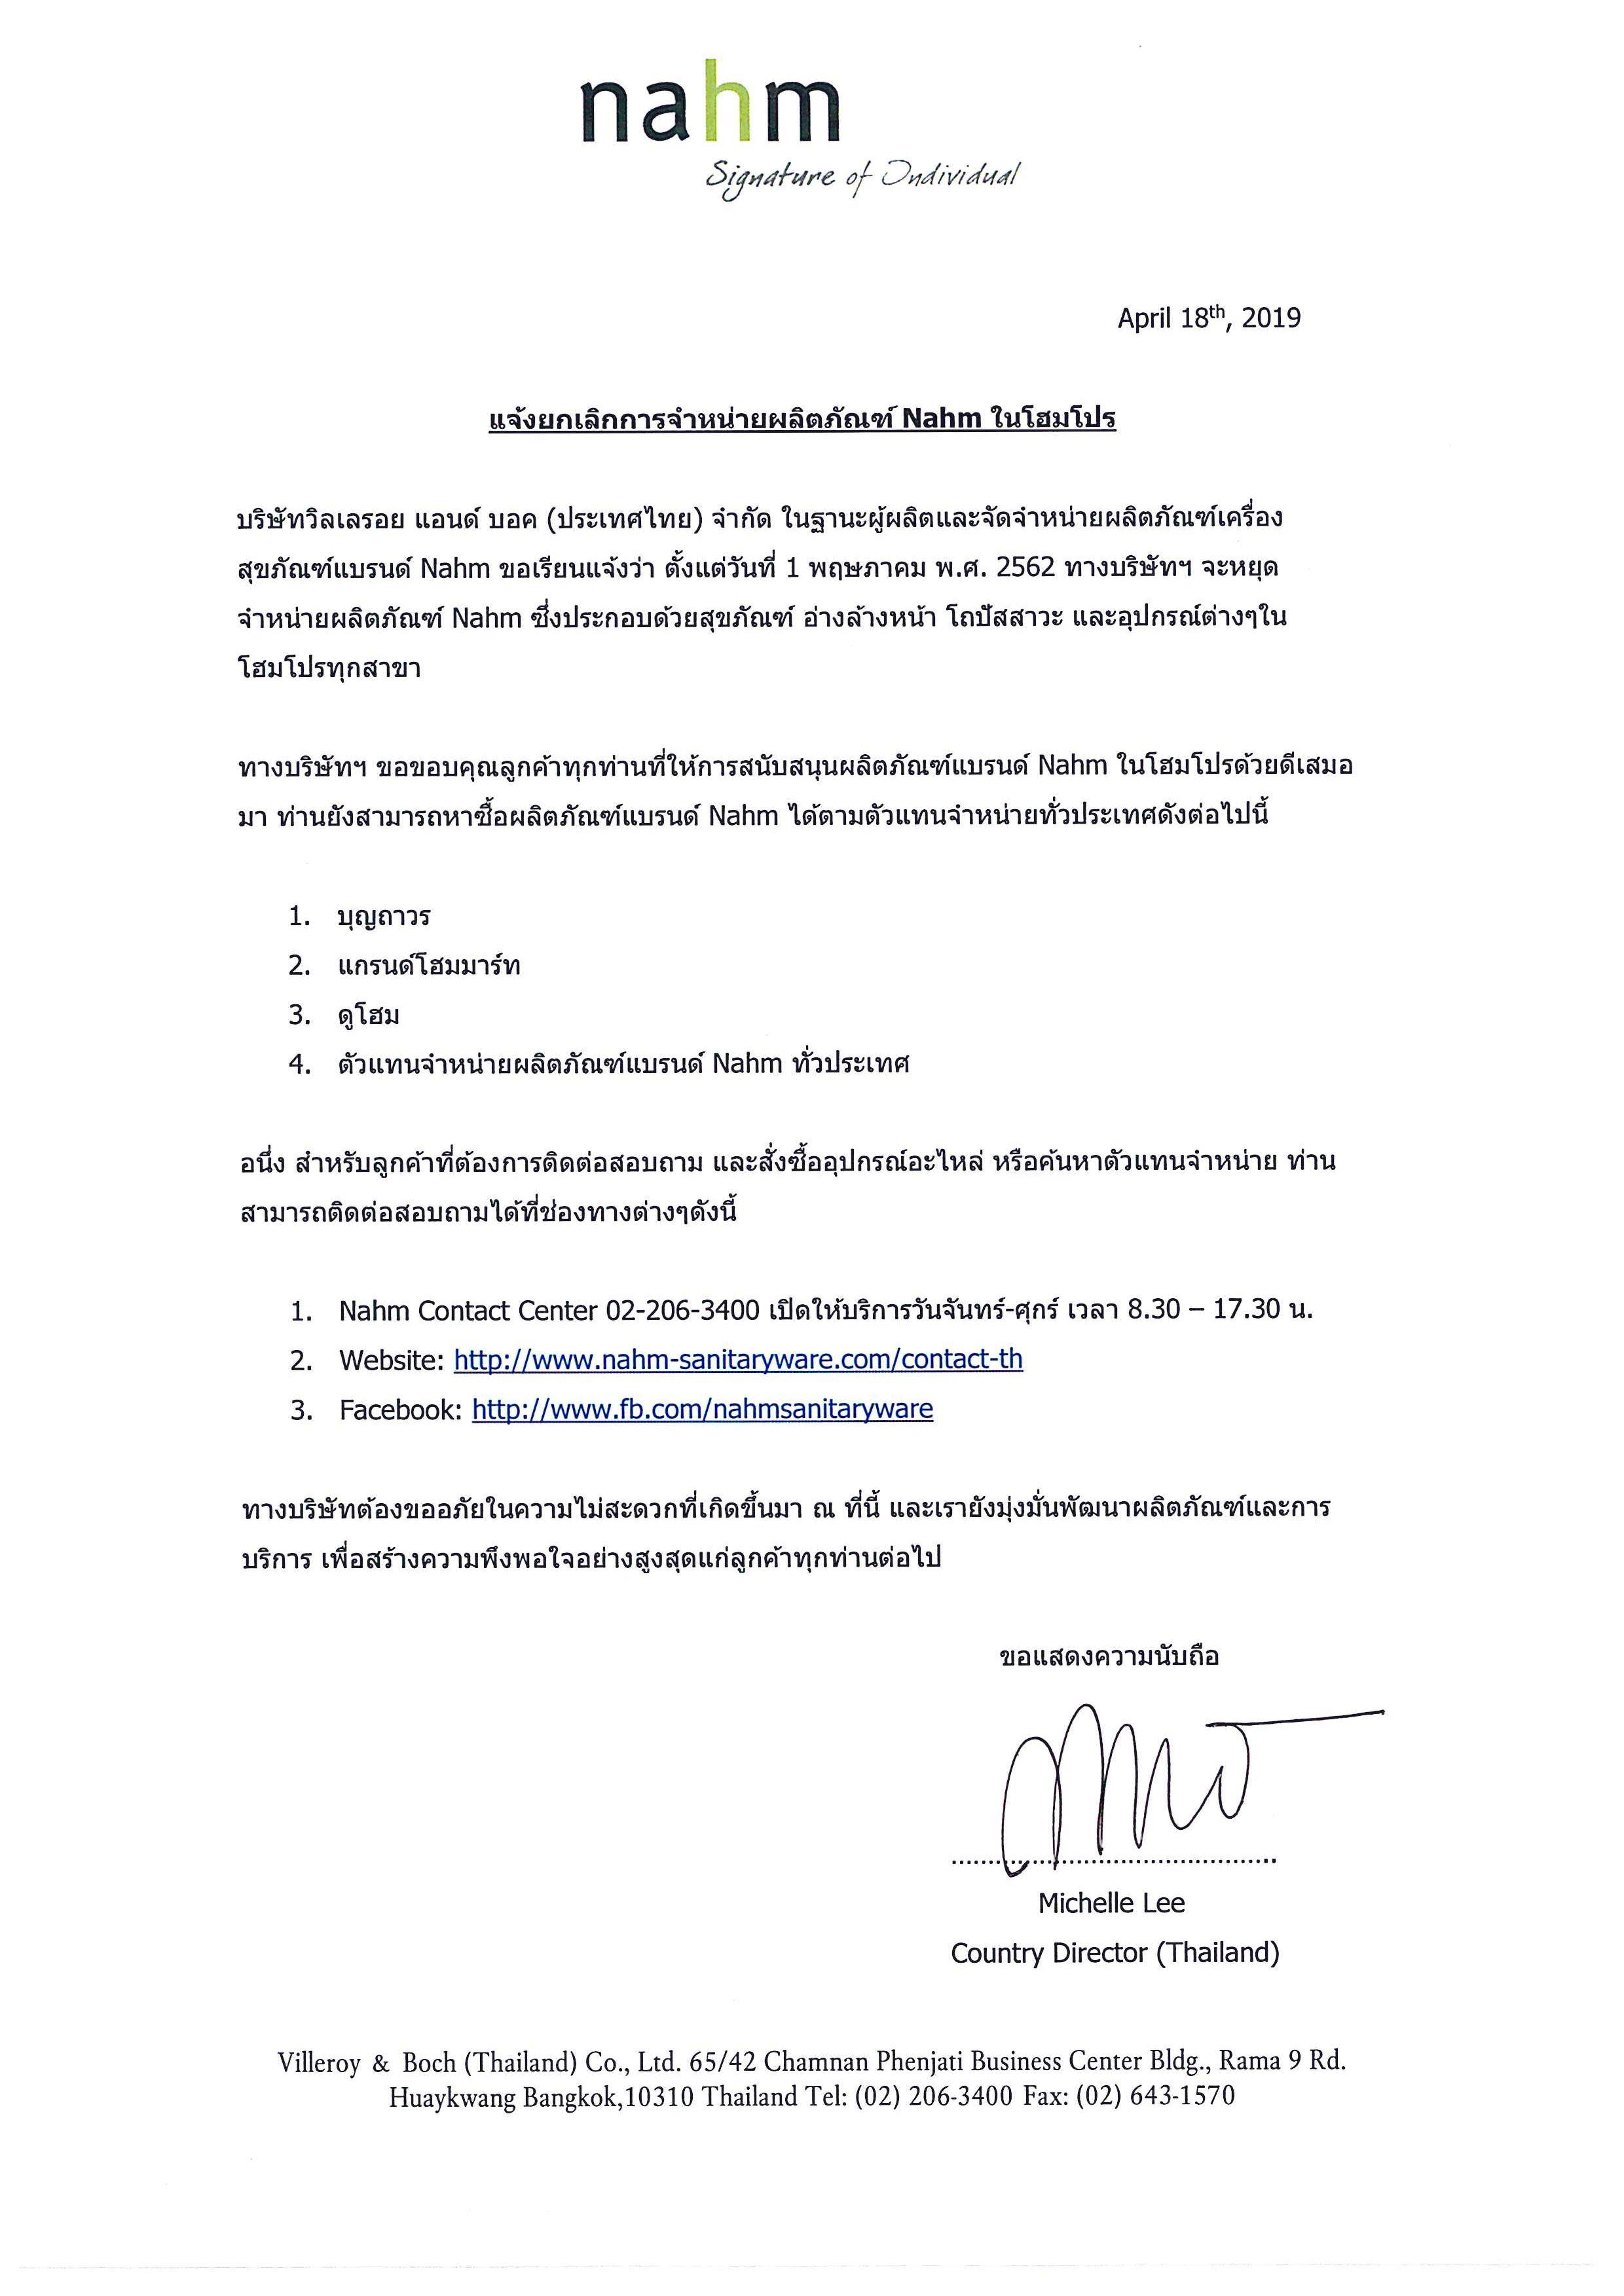 จดหมายแจ้งยกเลิกการจำหน่าสินค้า nahm ใน Homepro